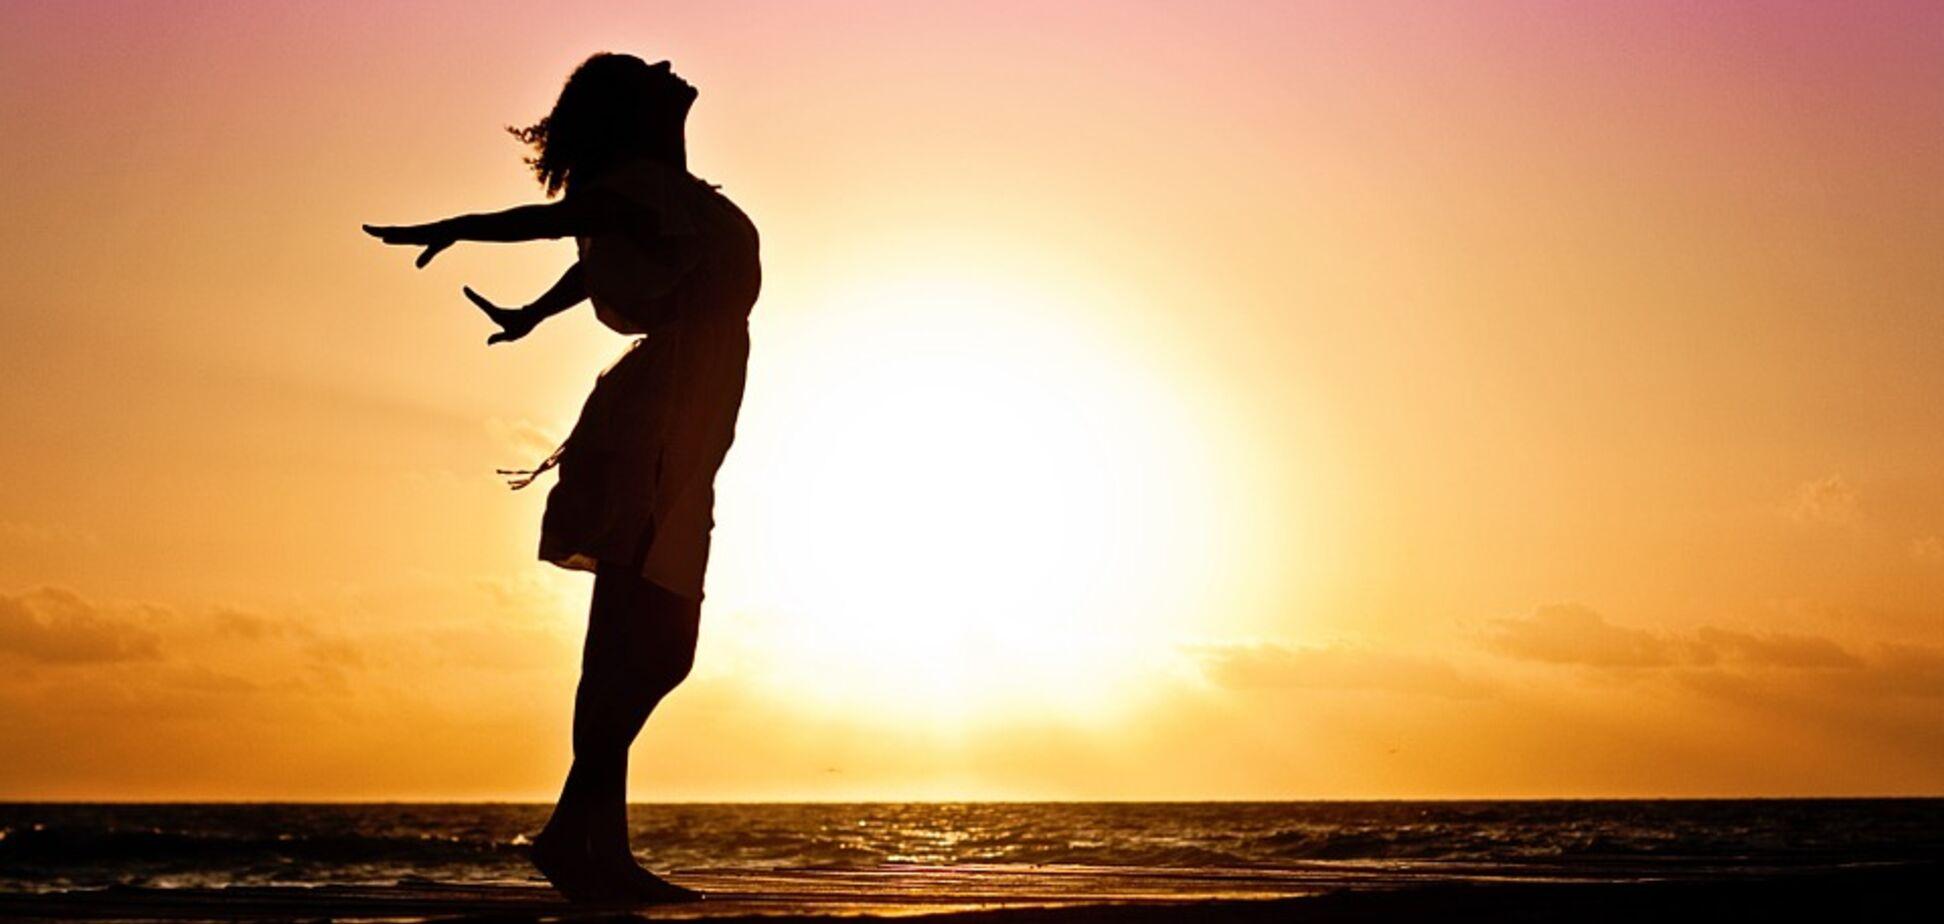 ЭКО беременность: как принять решение